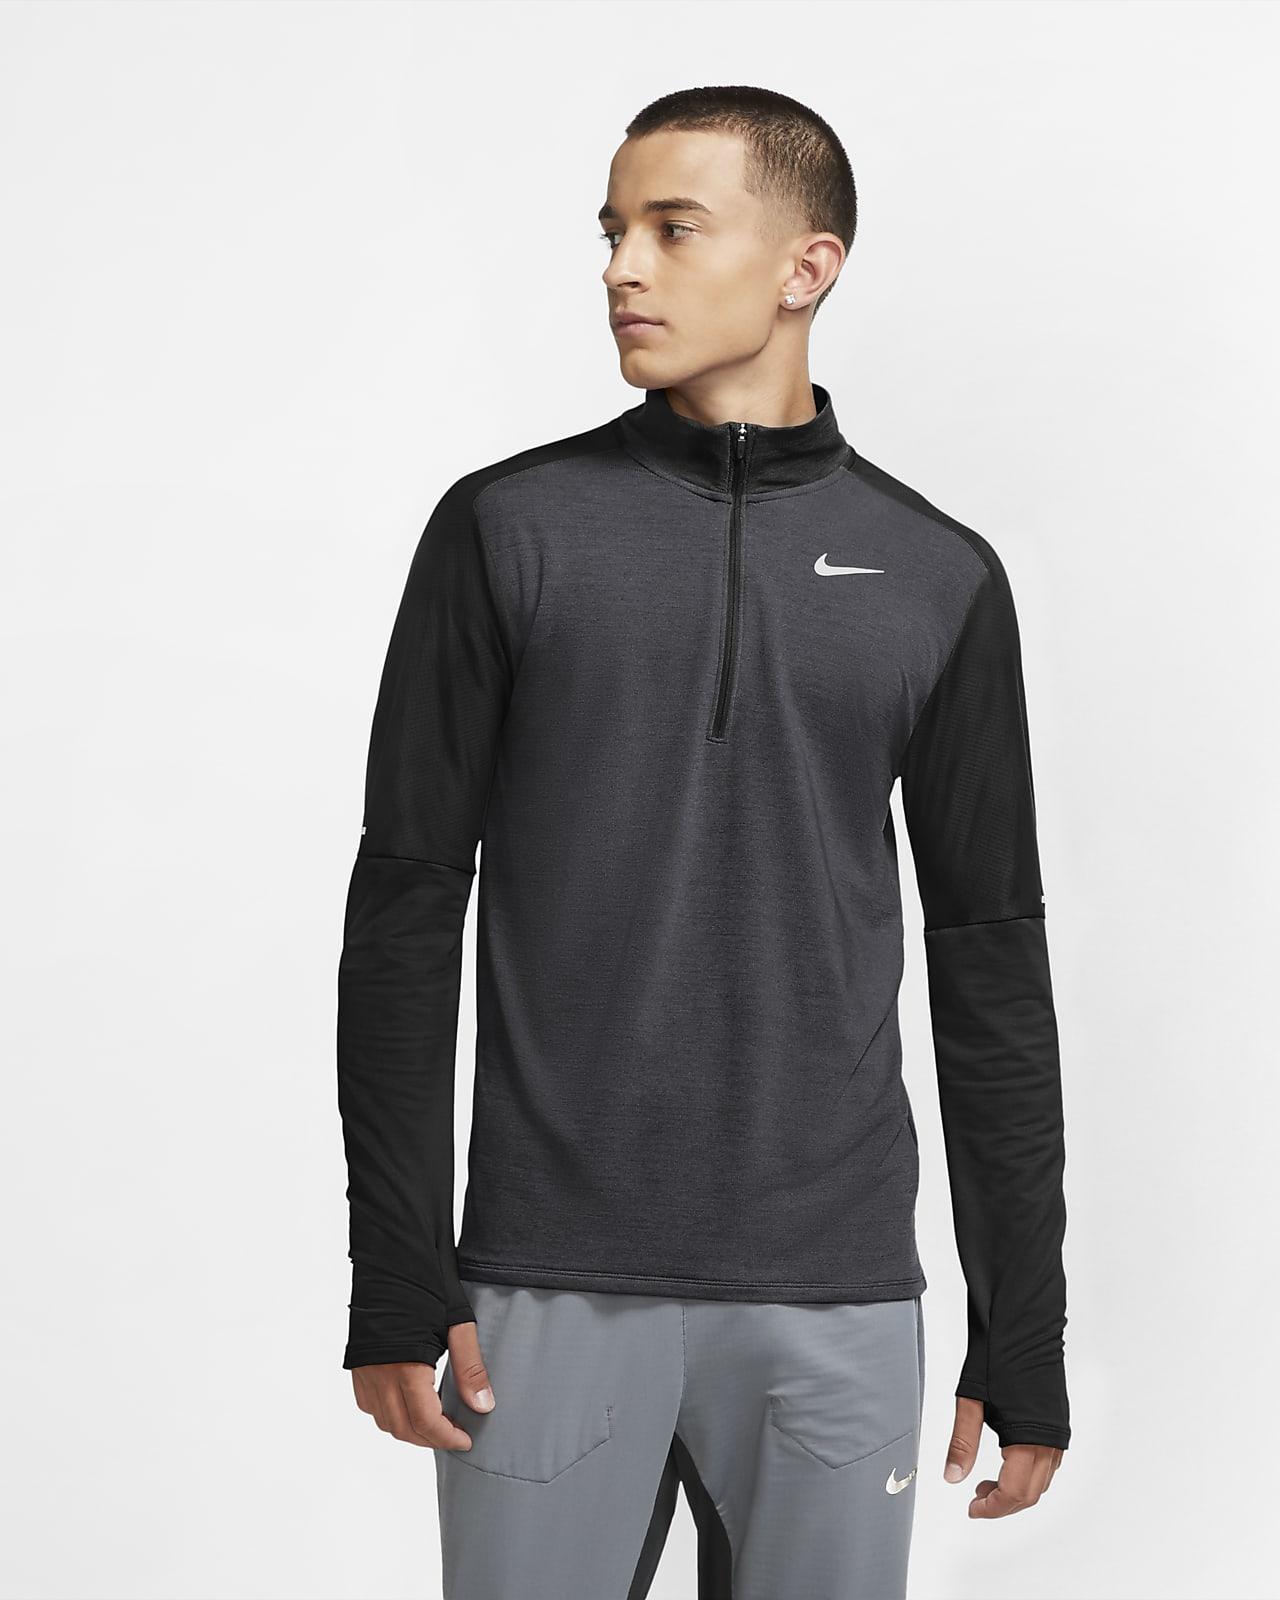 Nike Dri-FIT løpeoverdel med glidelås i halsen til herre